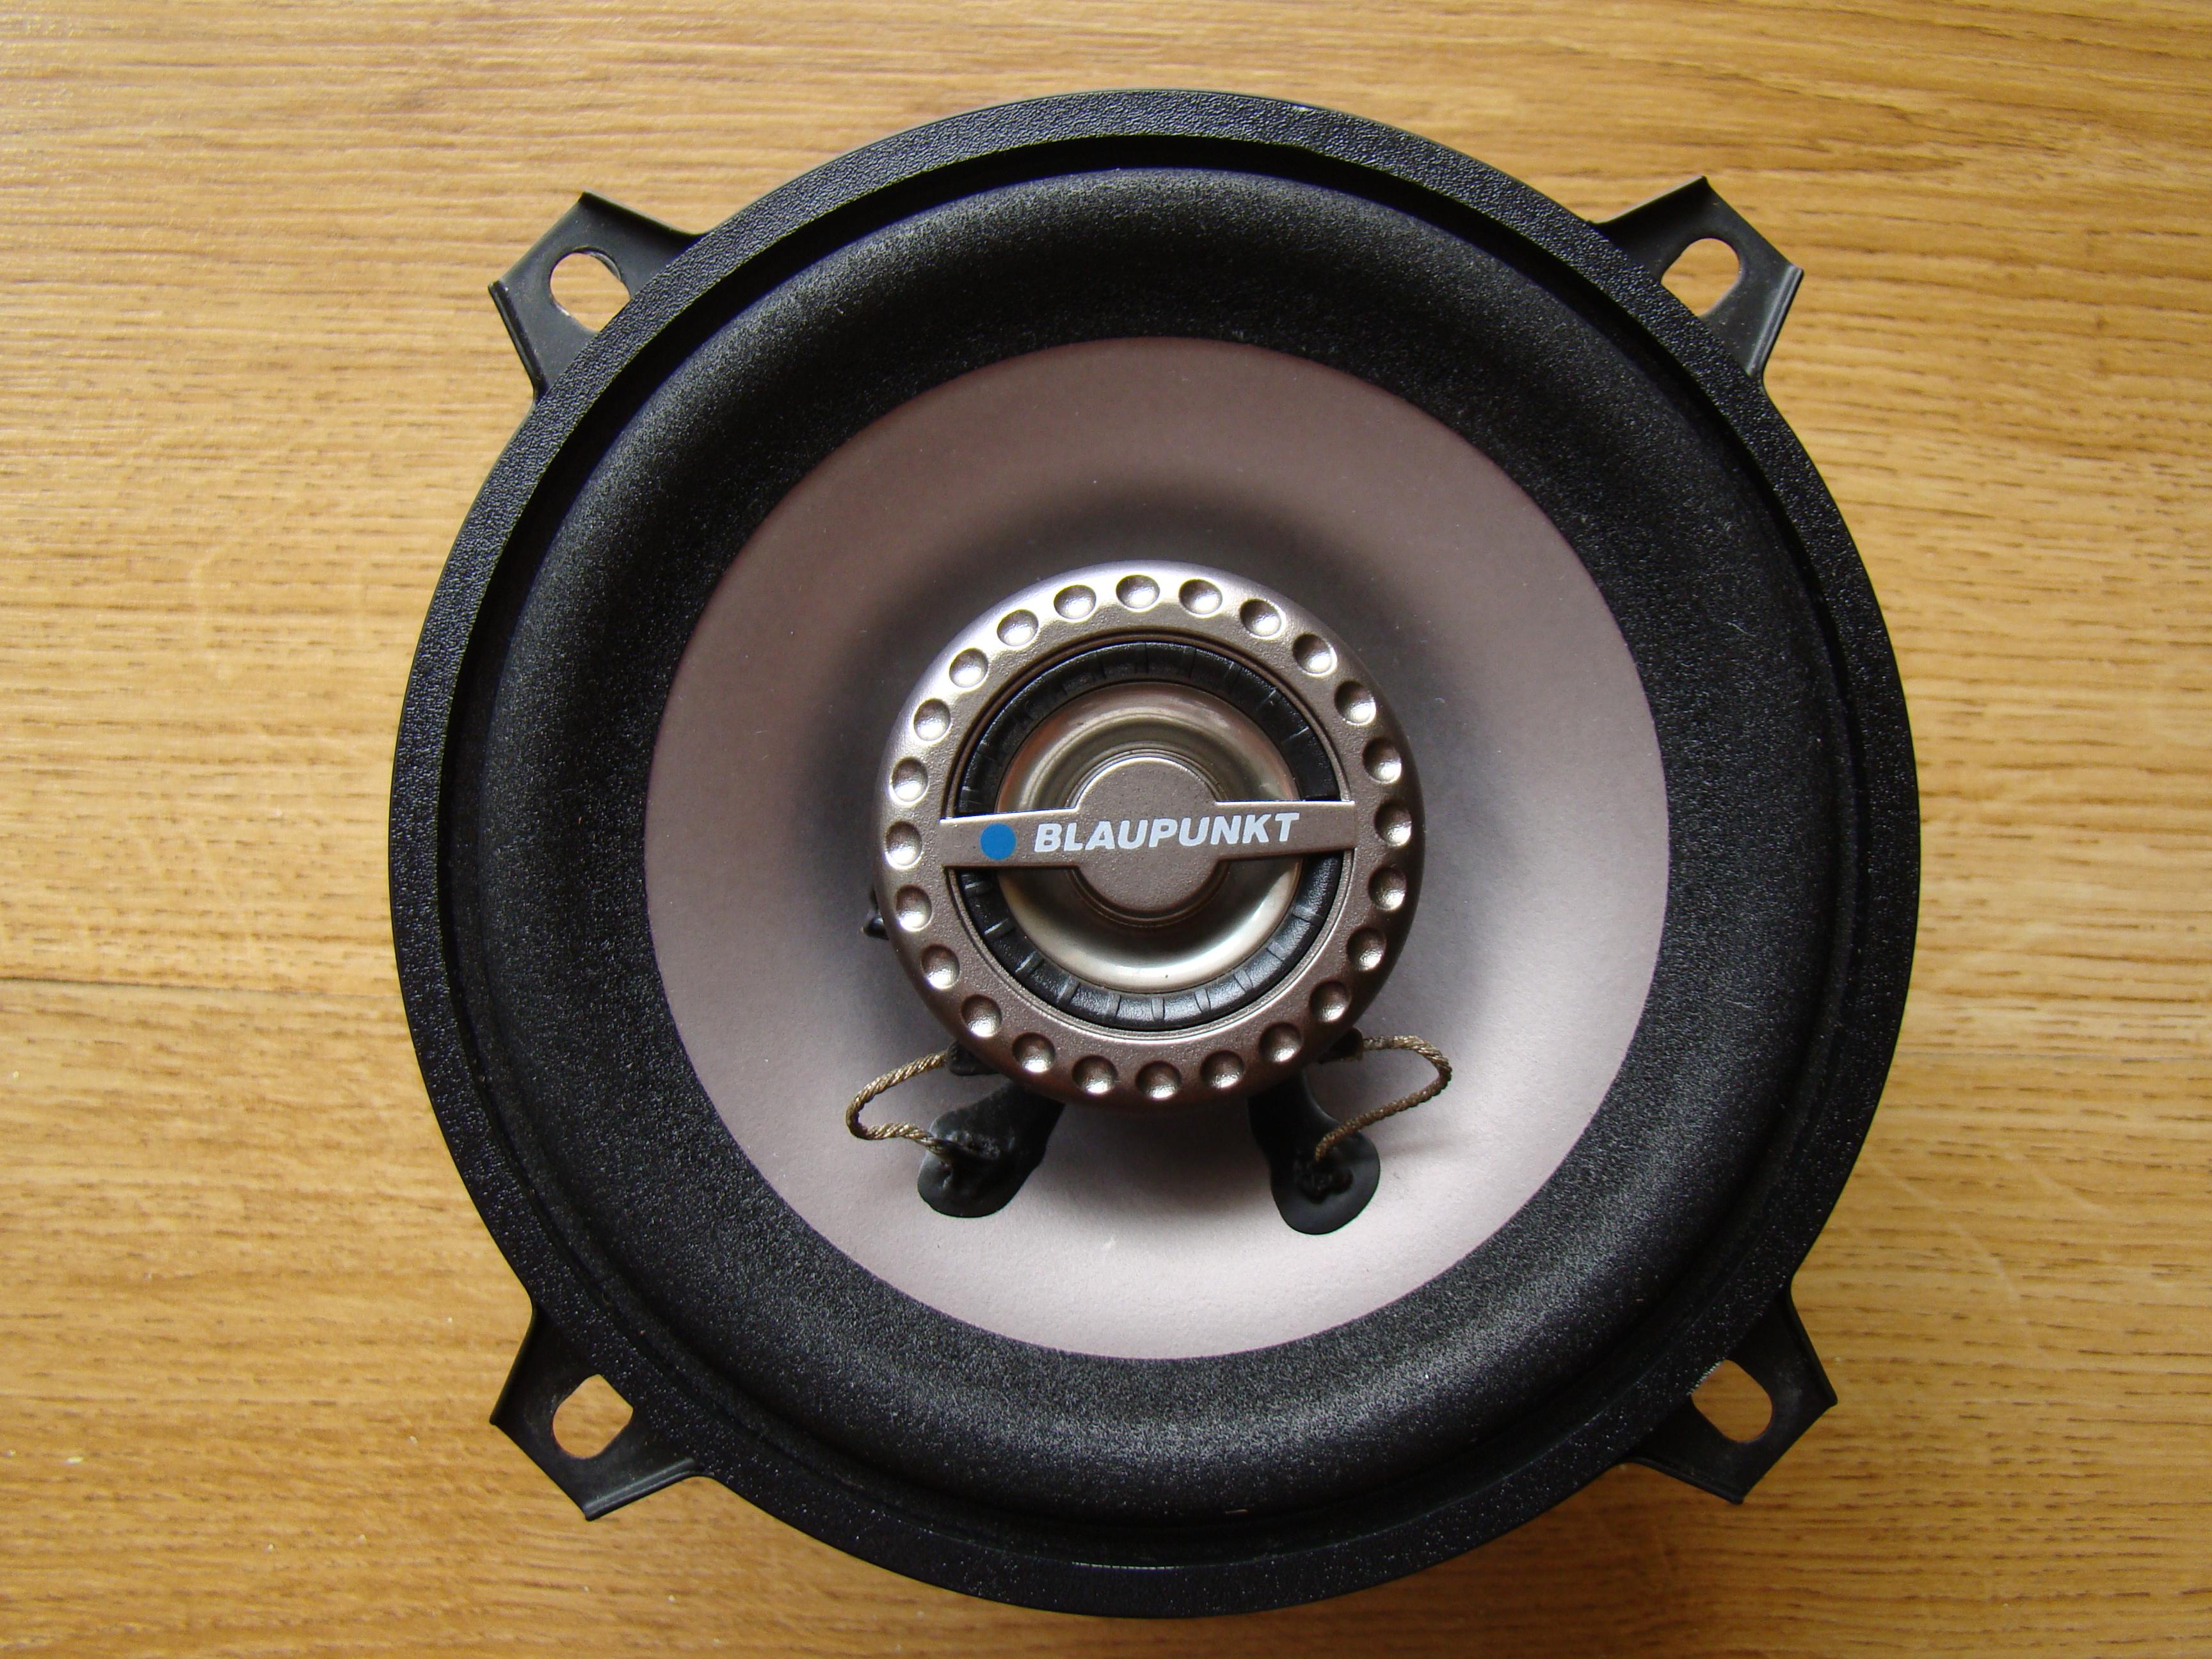 Podłącz głośniki samochodowe w domu